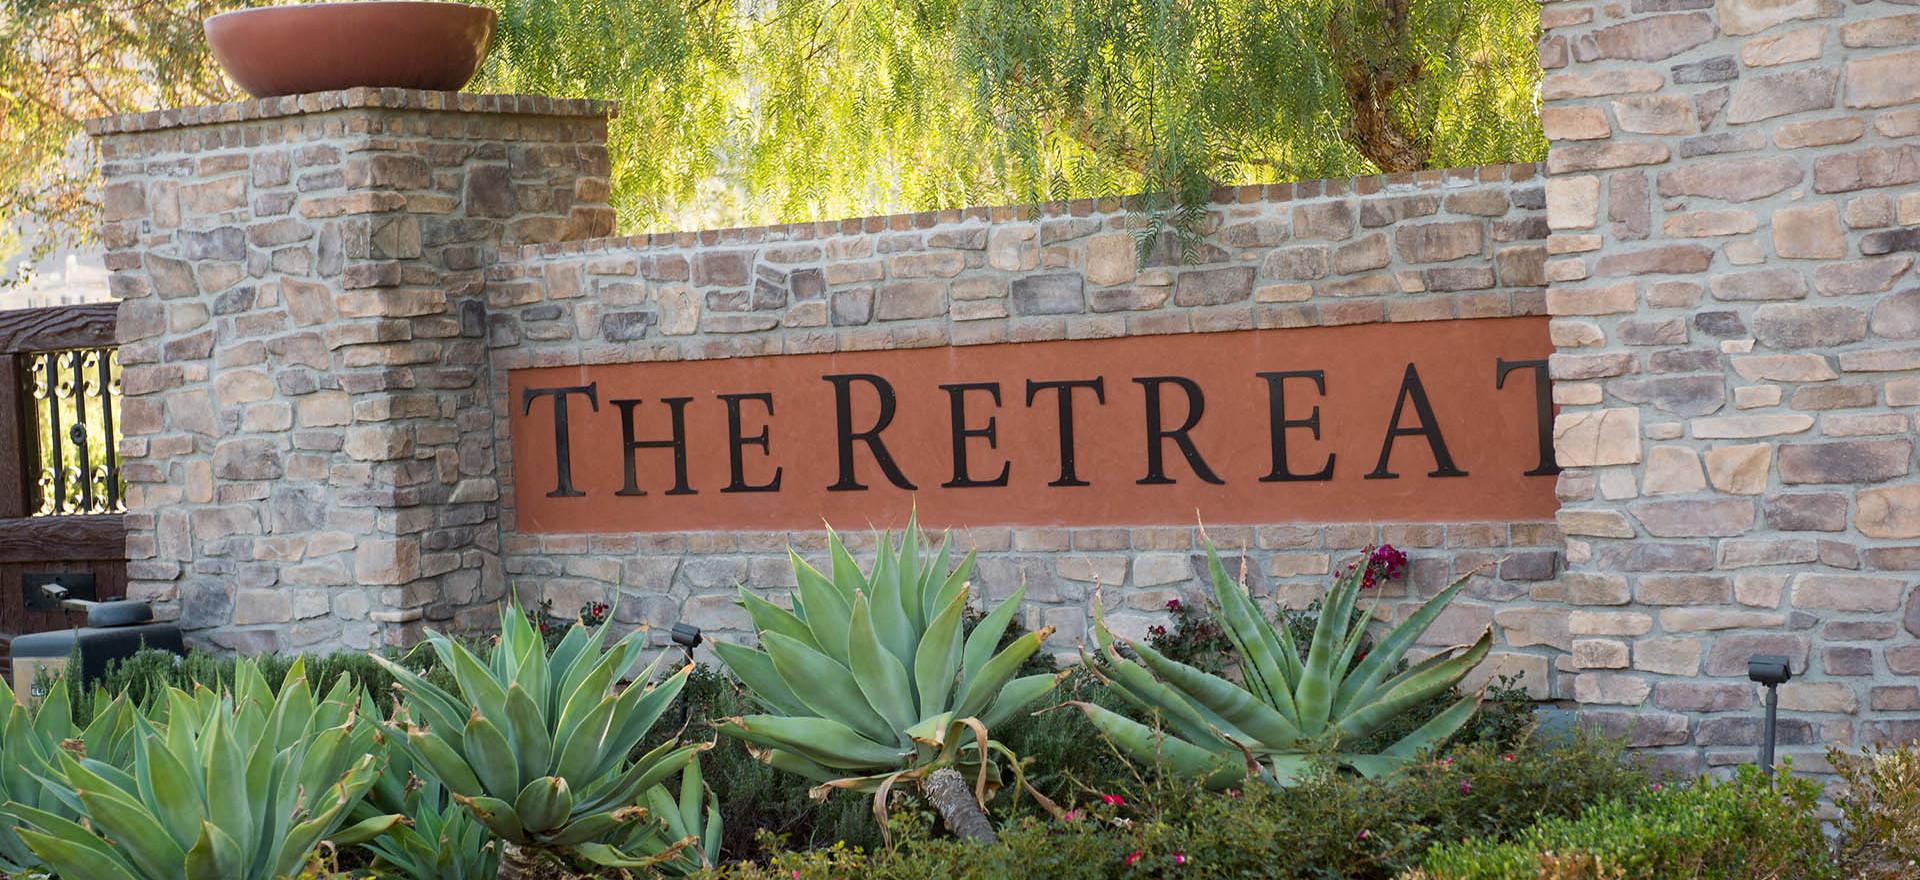 15-Wedgewood-Weddings-The-Retreat-Wedding-Venue-Gated-Entrance_72dpi.jpg